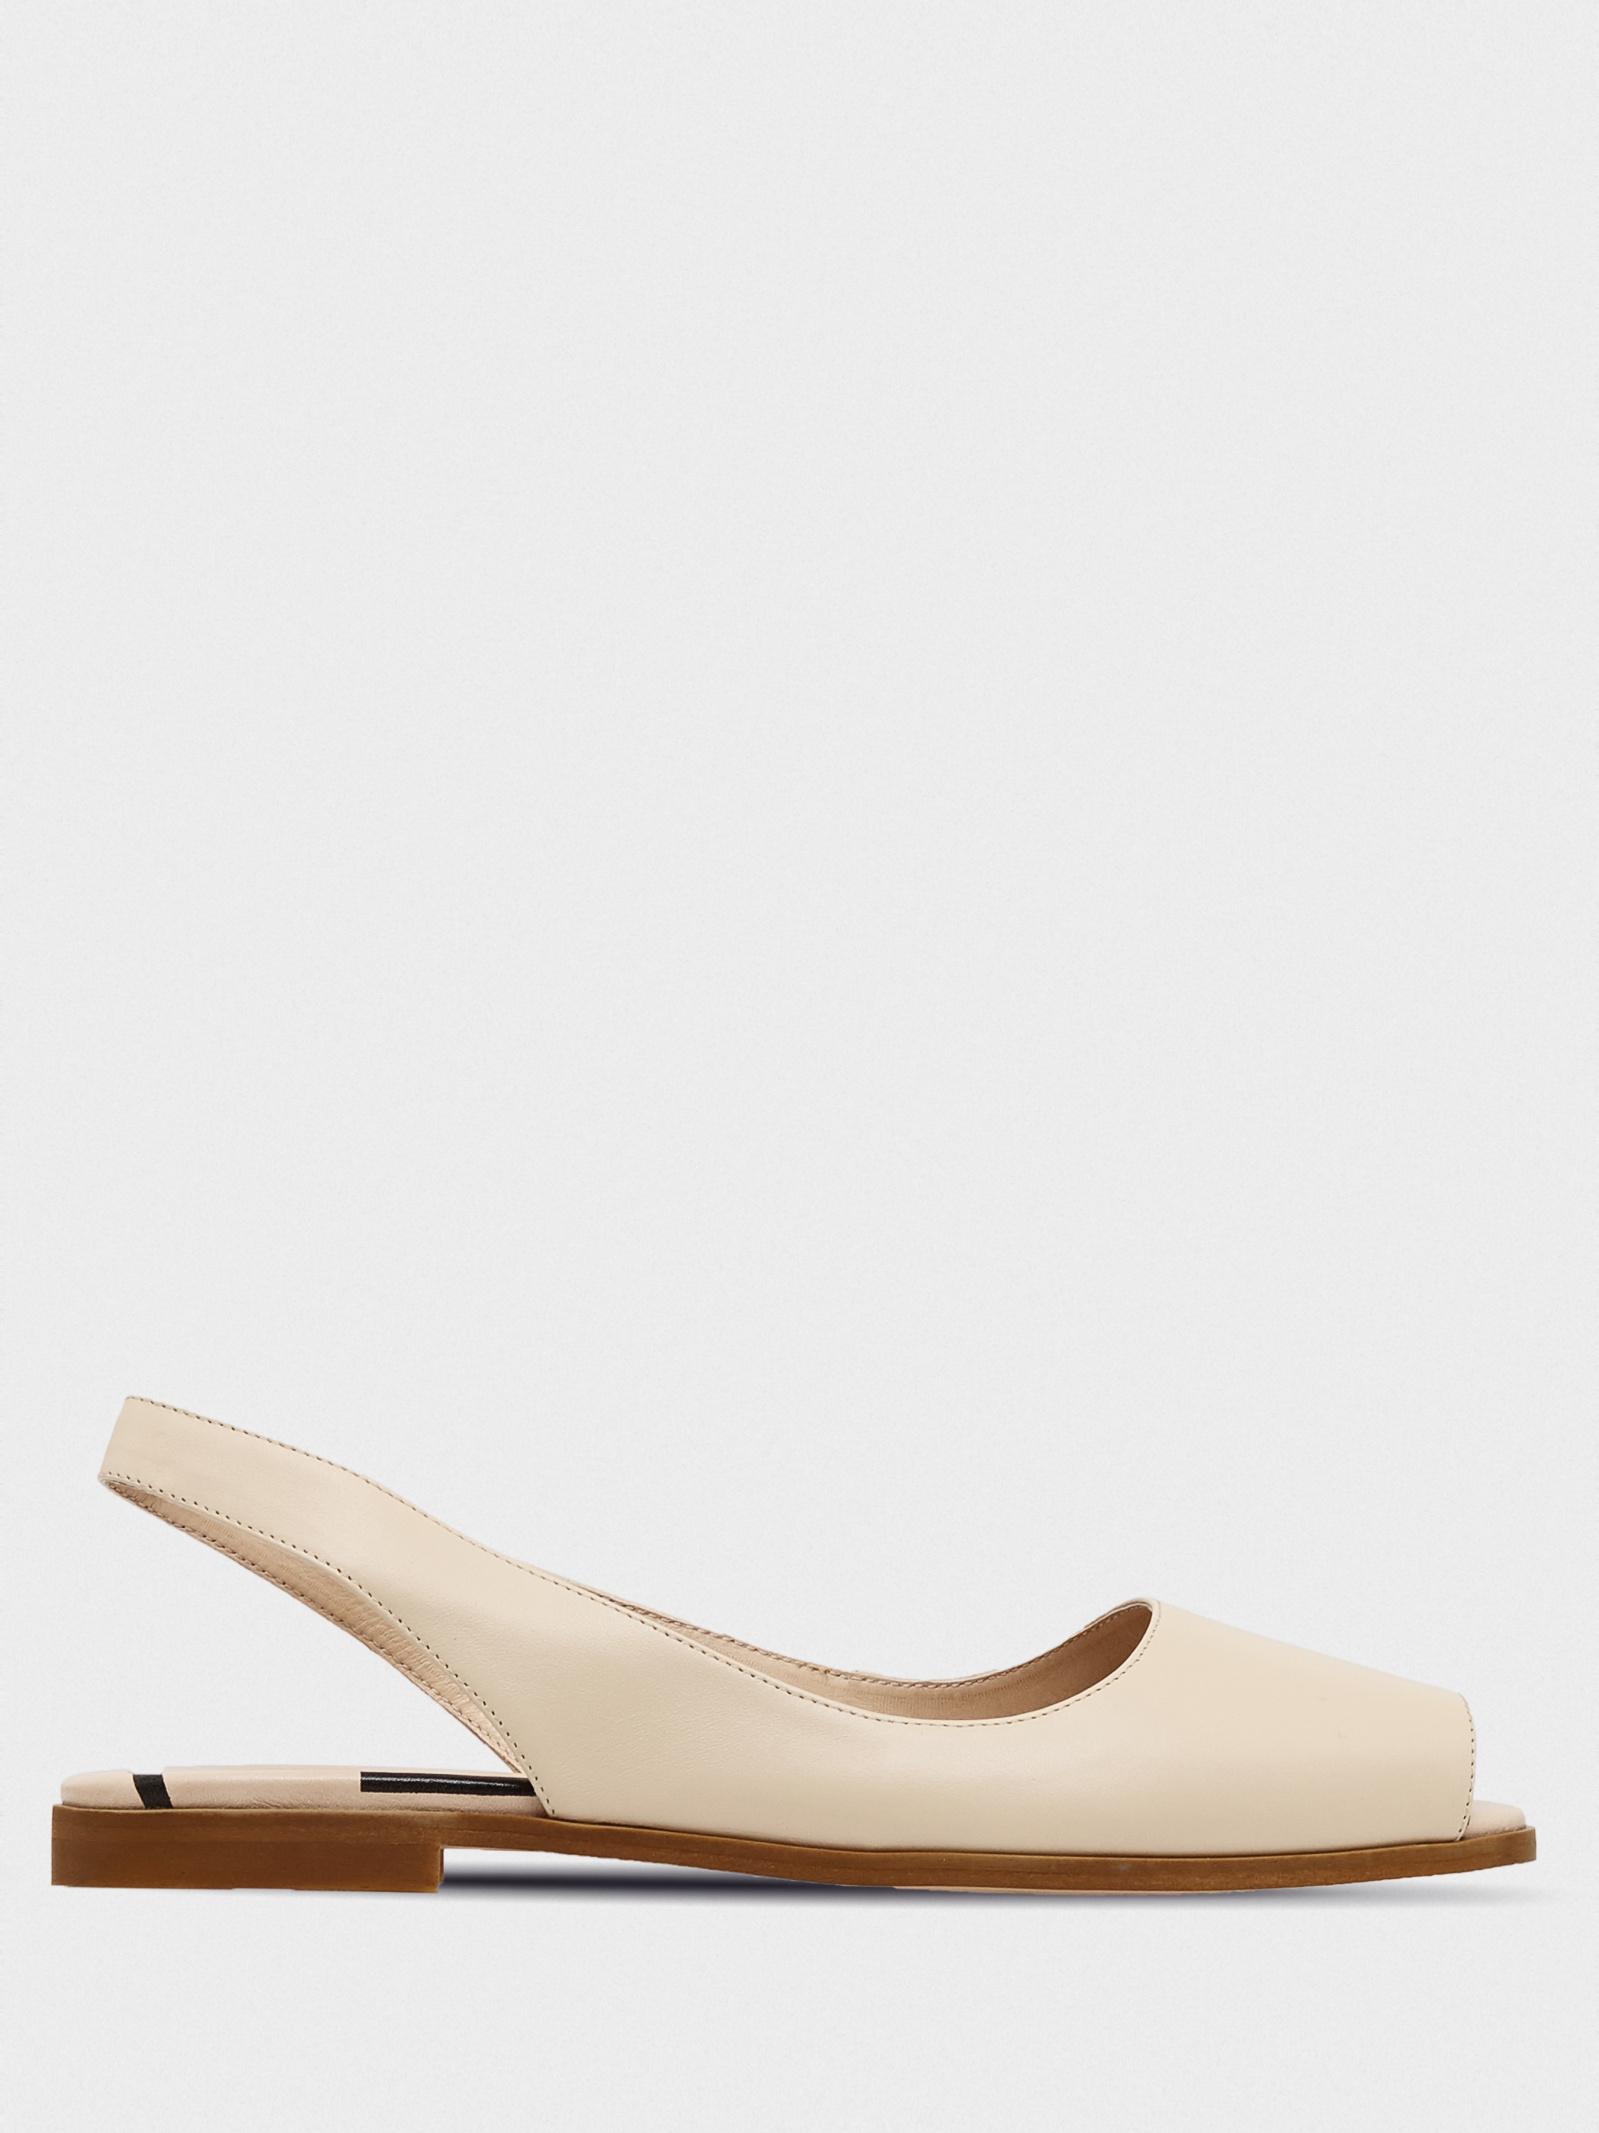 Босоніжки  для жінок Fereski 1234-53  BEG брендове взуття, 2017